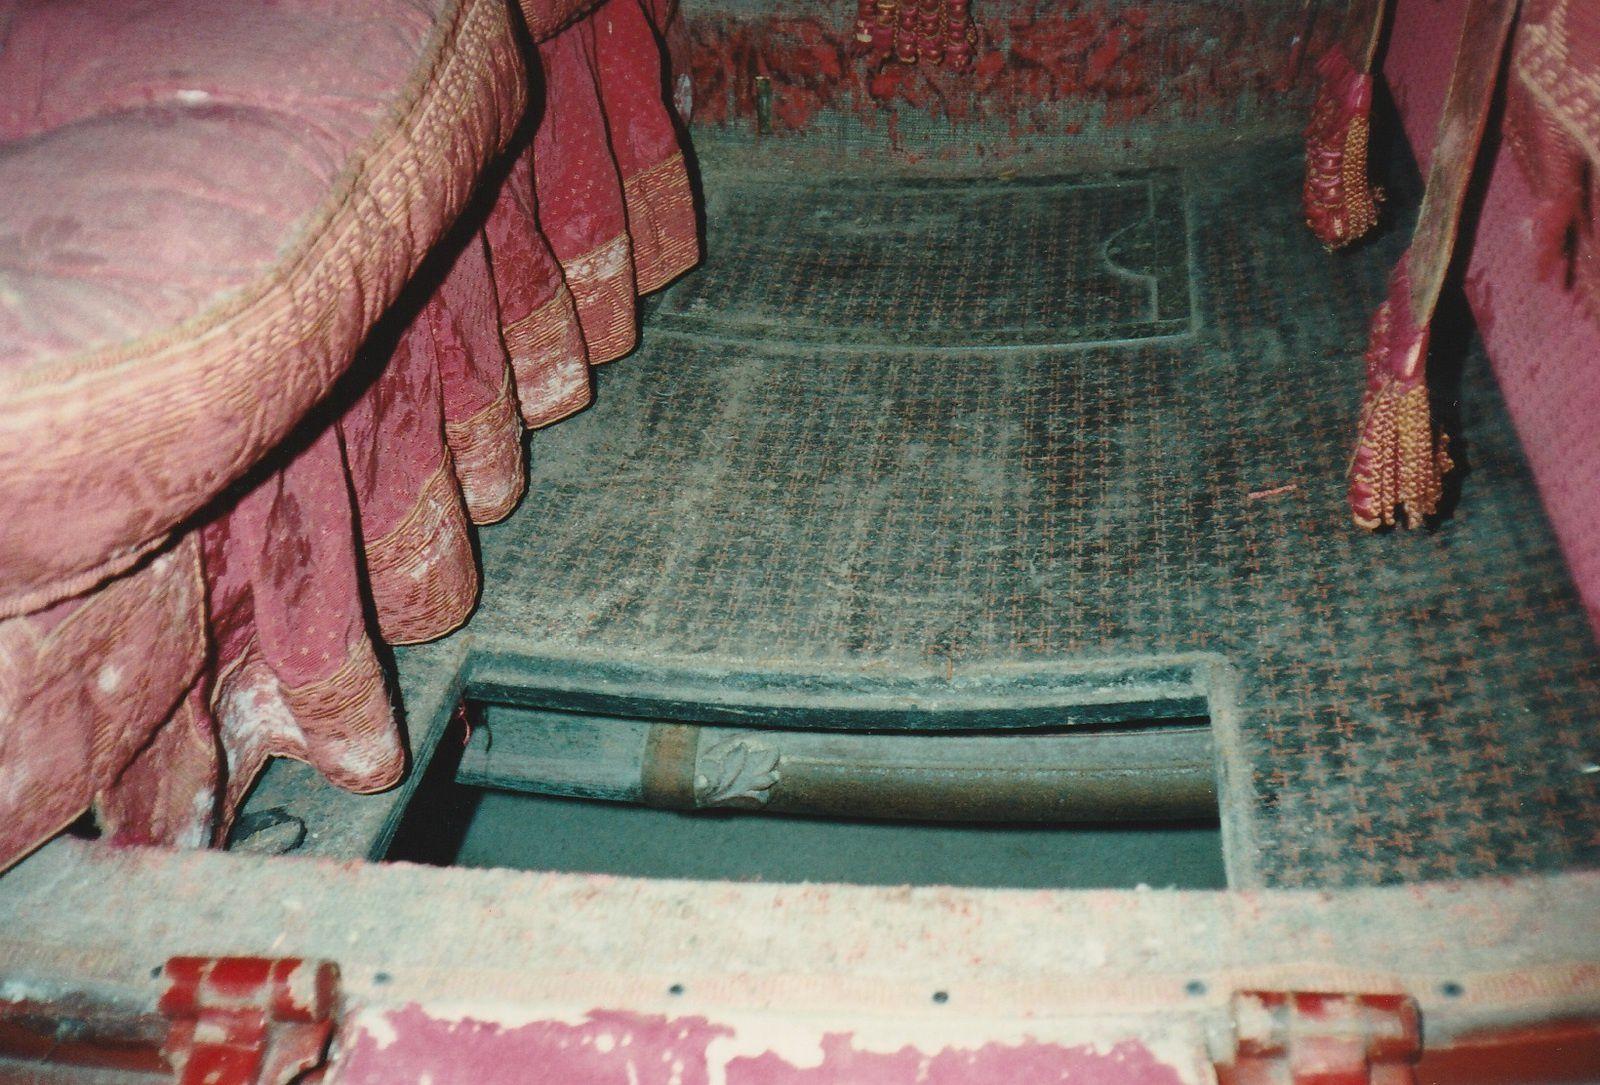 Trappes d'accès aux caves d'un coupé, construit par Clochez à Paris (Fécamp, Musée Centre des Arts)